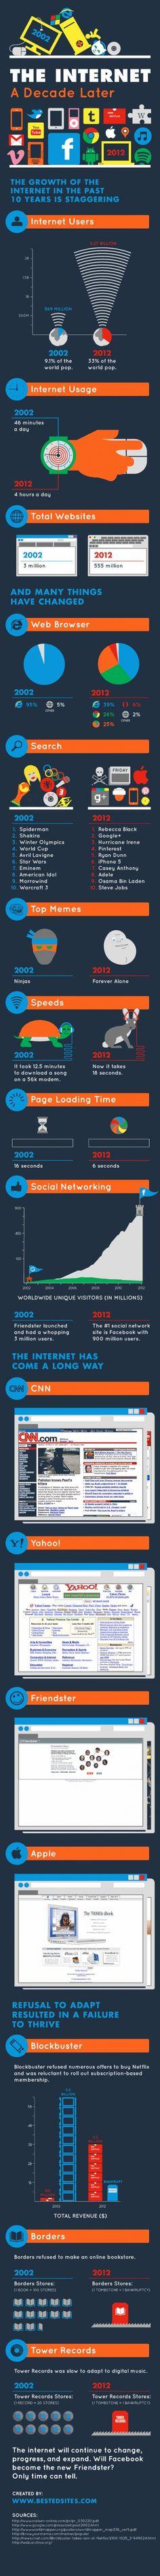 Internet 10 jaar later (2002-2012), een wereld van verschil. Hoe ben jij meegegroeid?